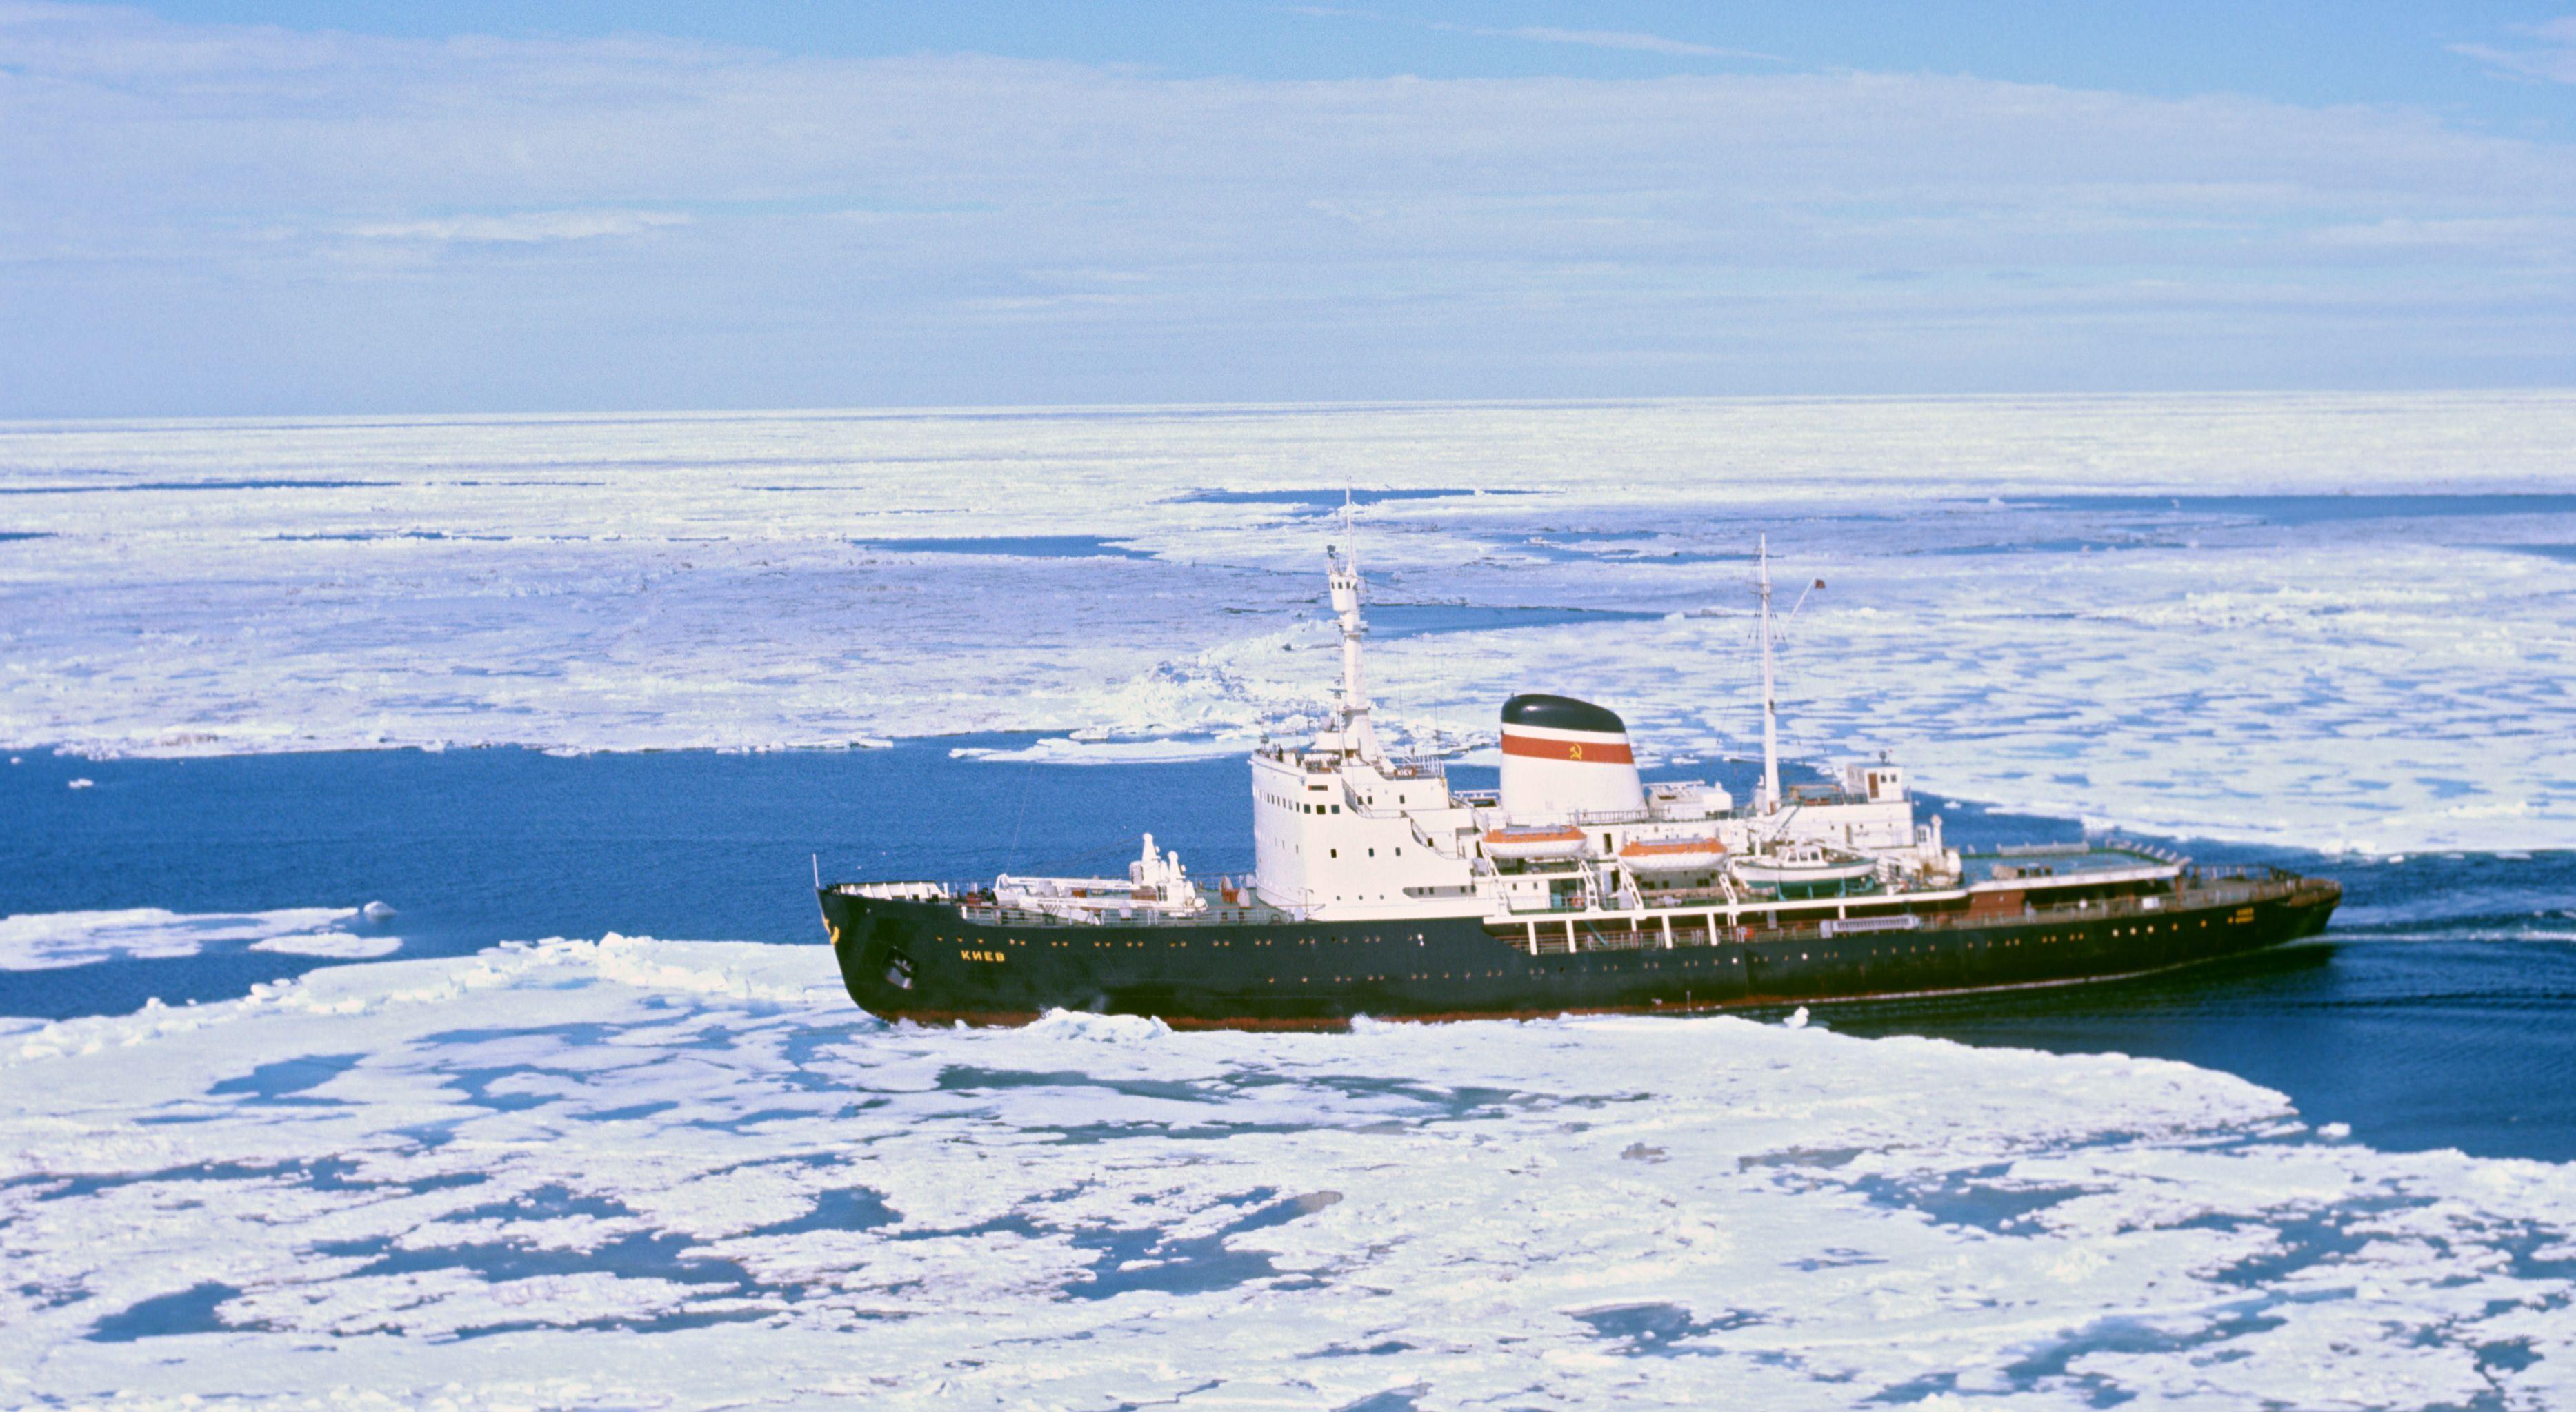 Megtalálták az első bizonyítékát annak, hogy a Jeges-tenger alól már áramlik a metán